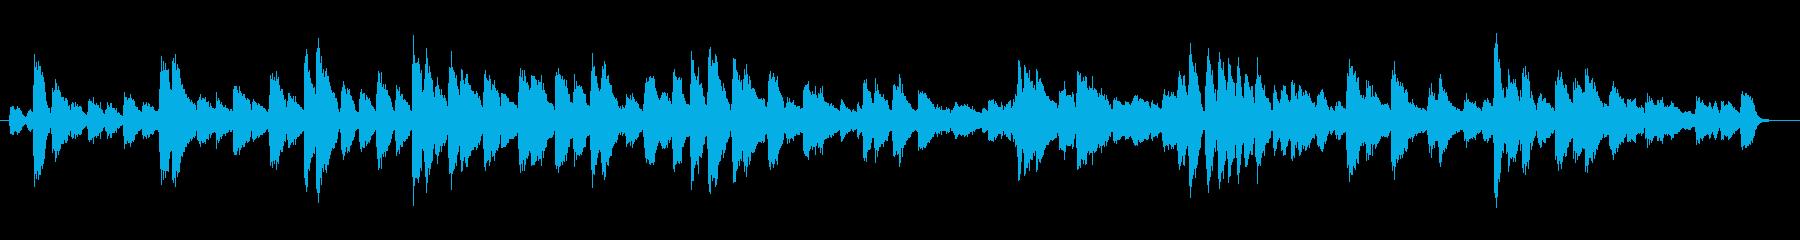 ピアノ、パーソン・プラクティックス...の再生済みの波形